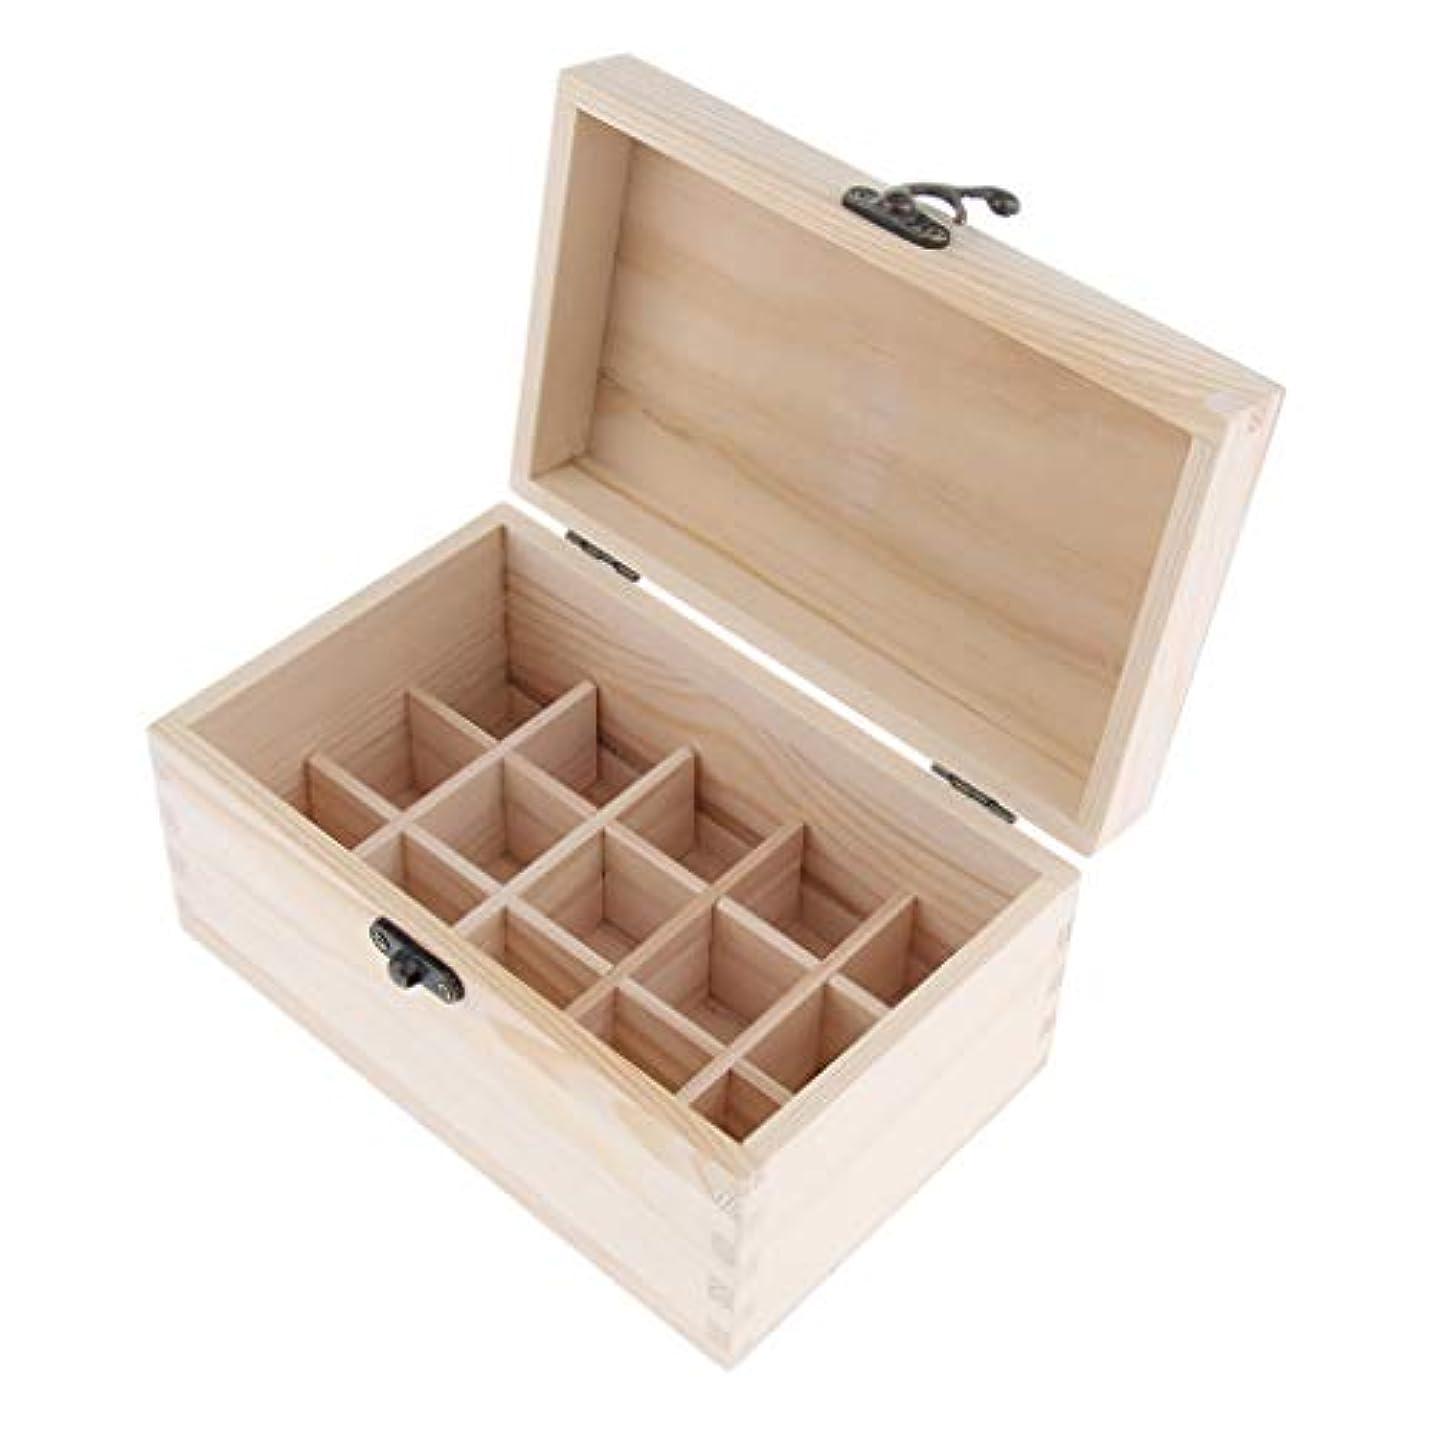 農業のトラフ乳白sharprepublic エッセンシャルオイルケース 収納ボックス ディスプレイホルダー キャリーケース 15仕切り 木製